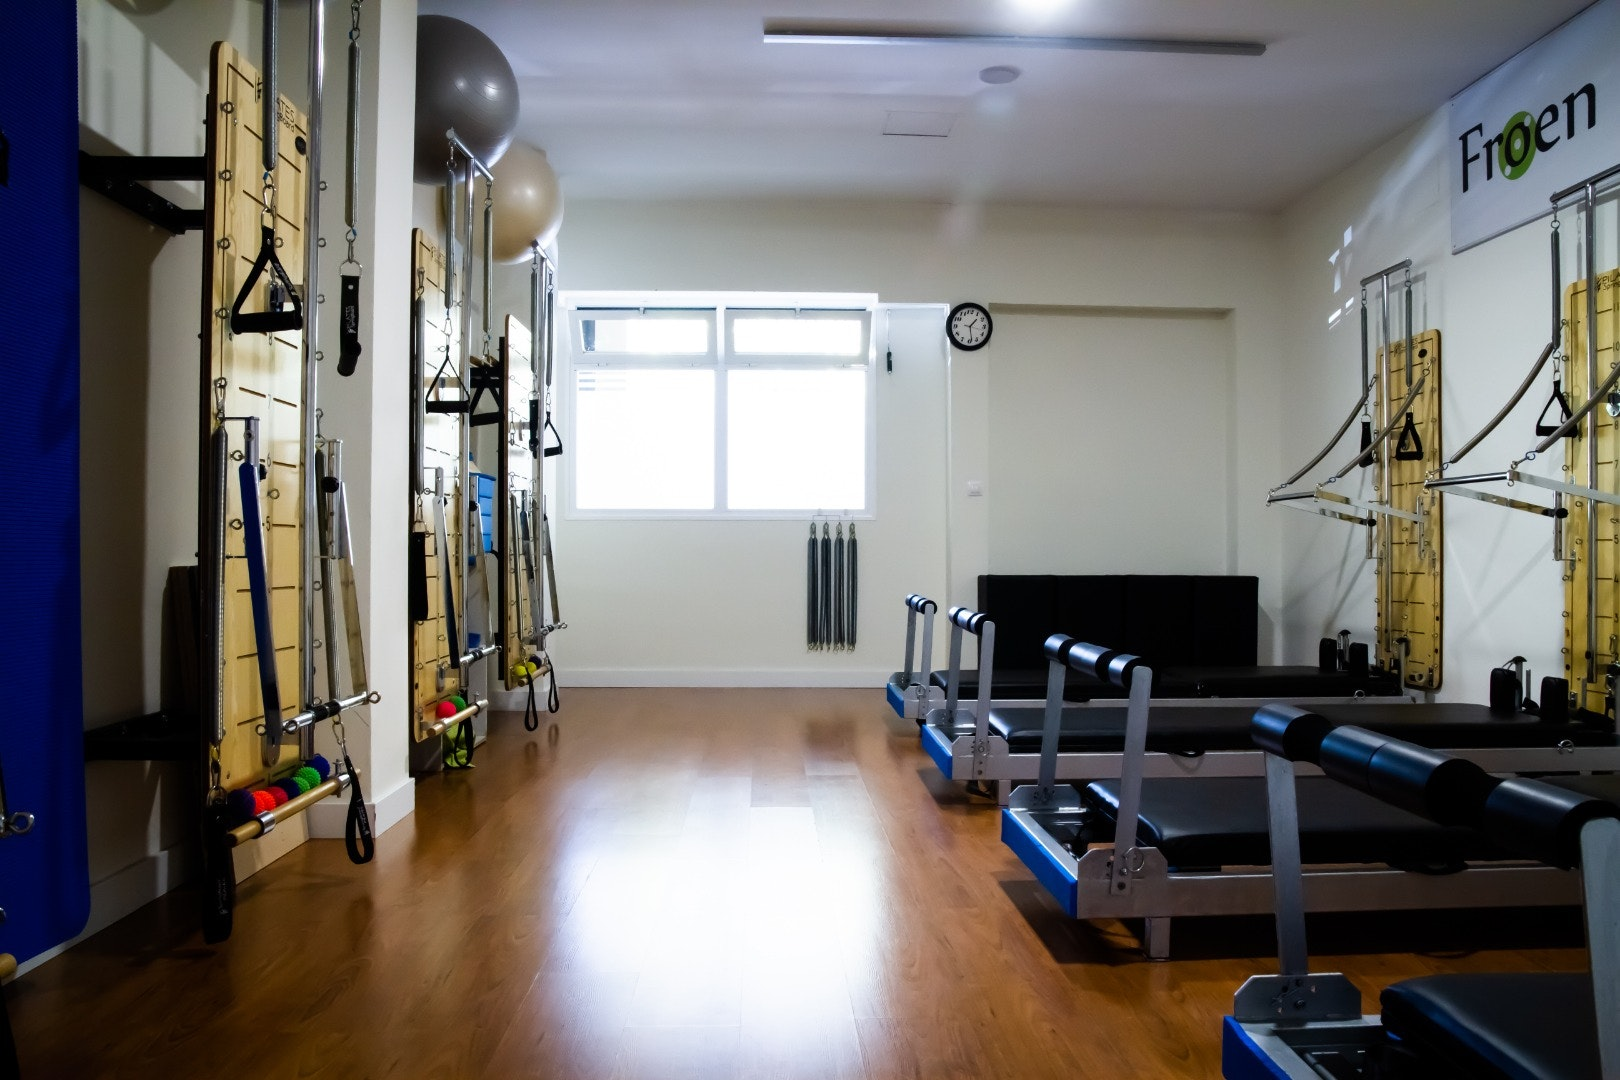 Foto 3 Oferta Froen Centro de Pilates Zaragoza {2} - GymForLess